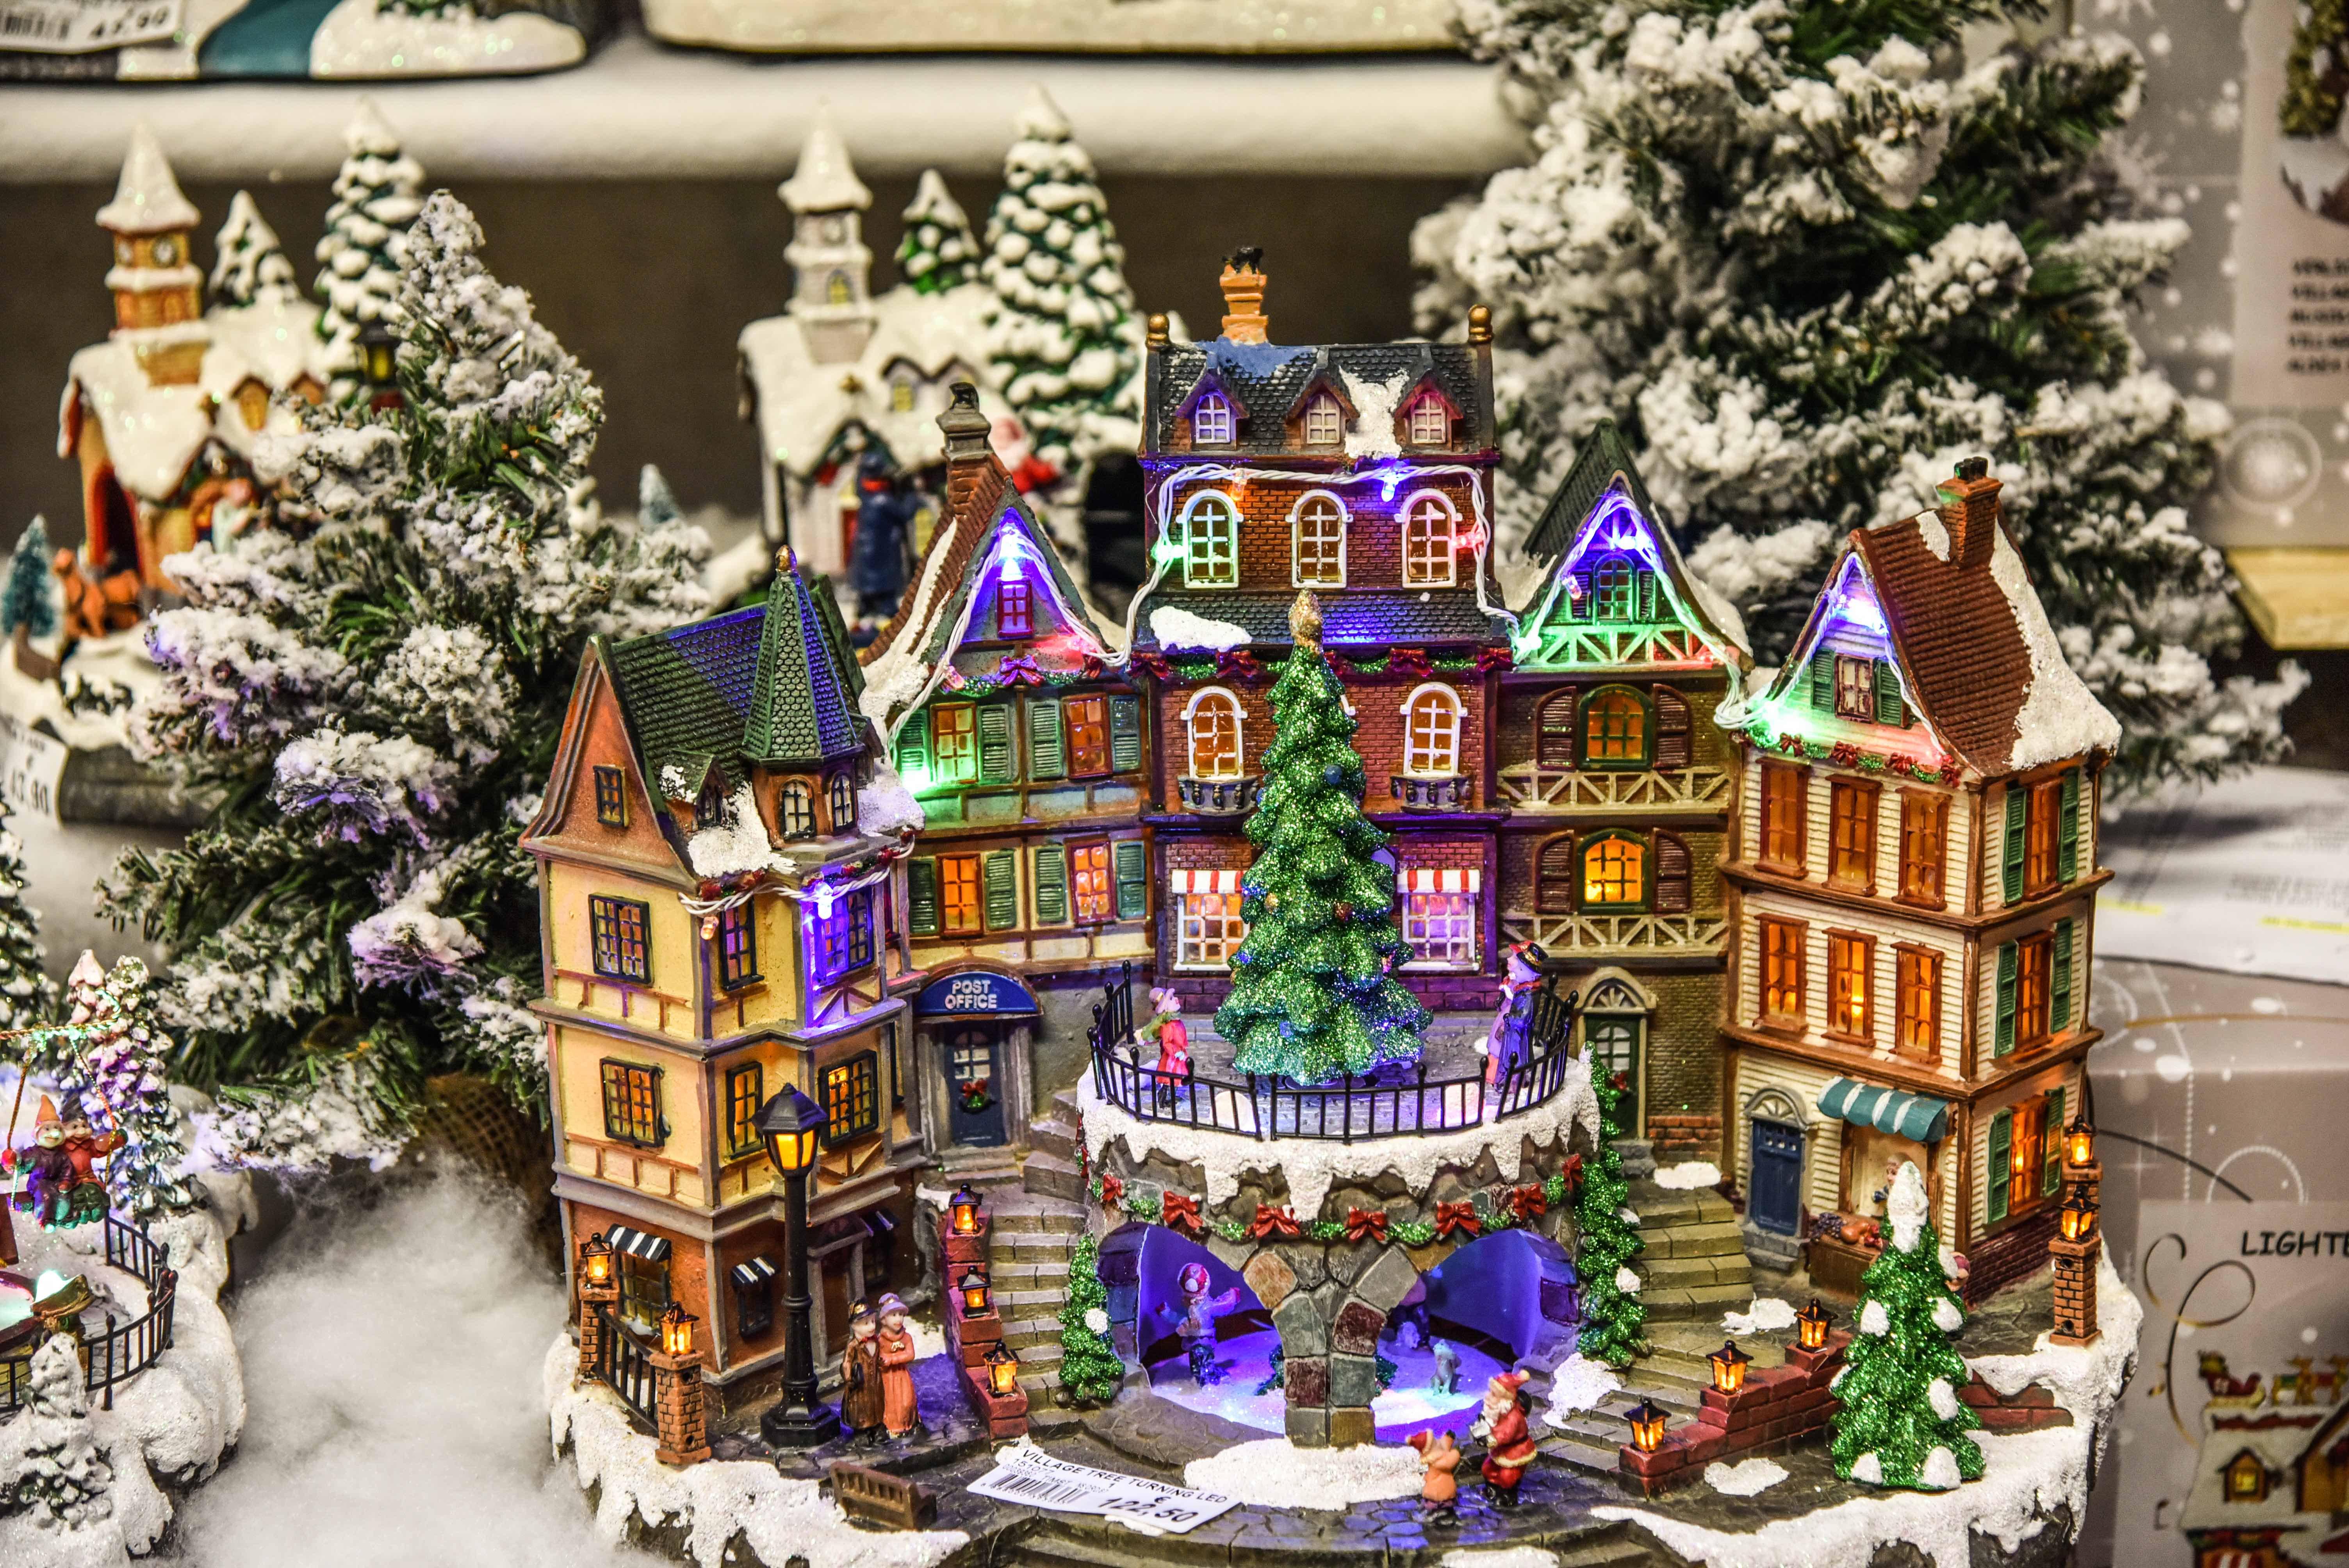 Villaggio Natale.Paesaggio Lemax Come Costruire Un Perfetto Villaggio Di Natale